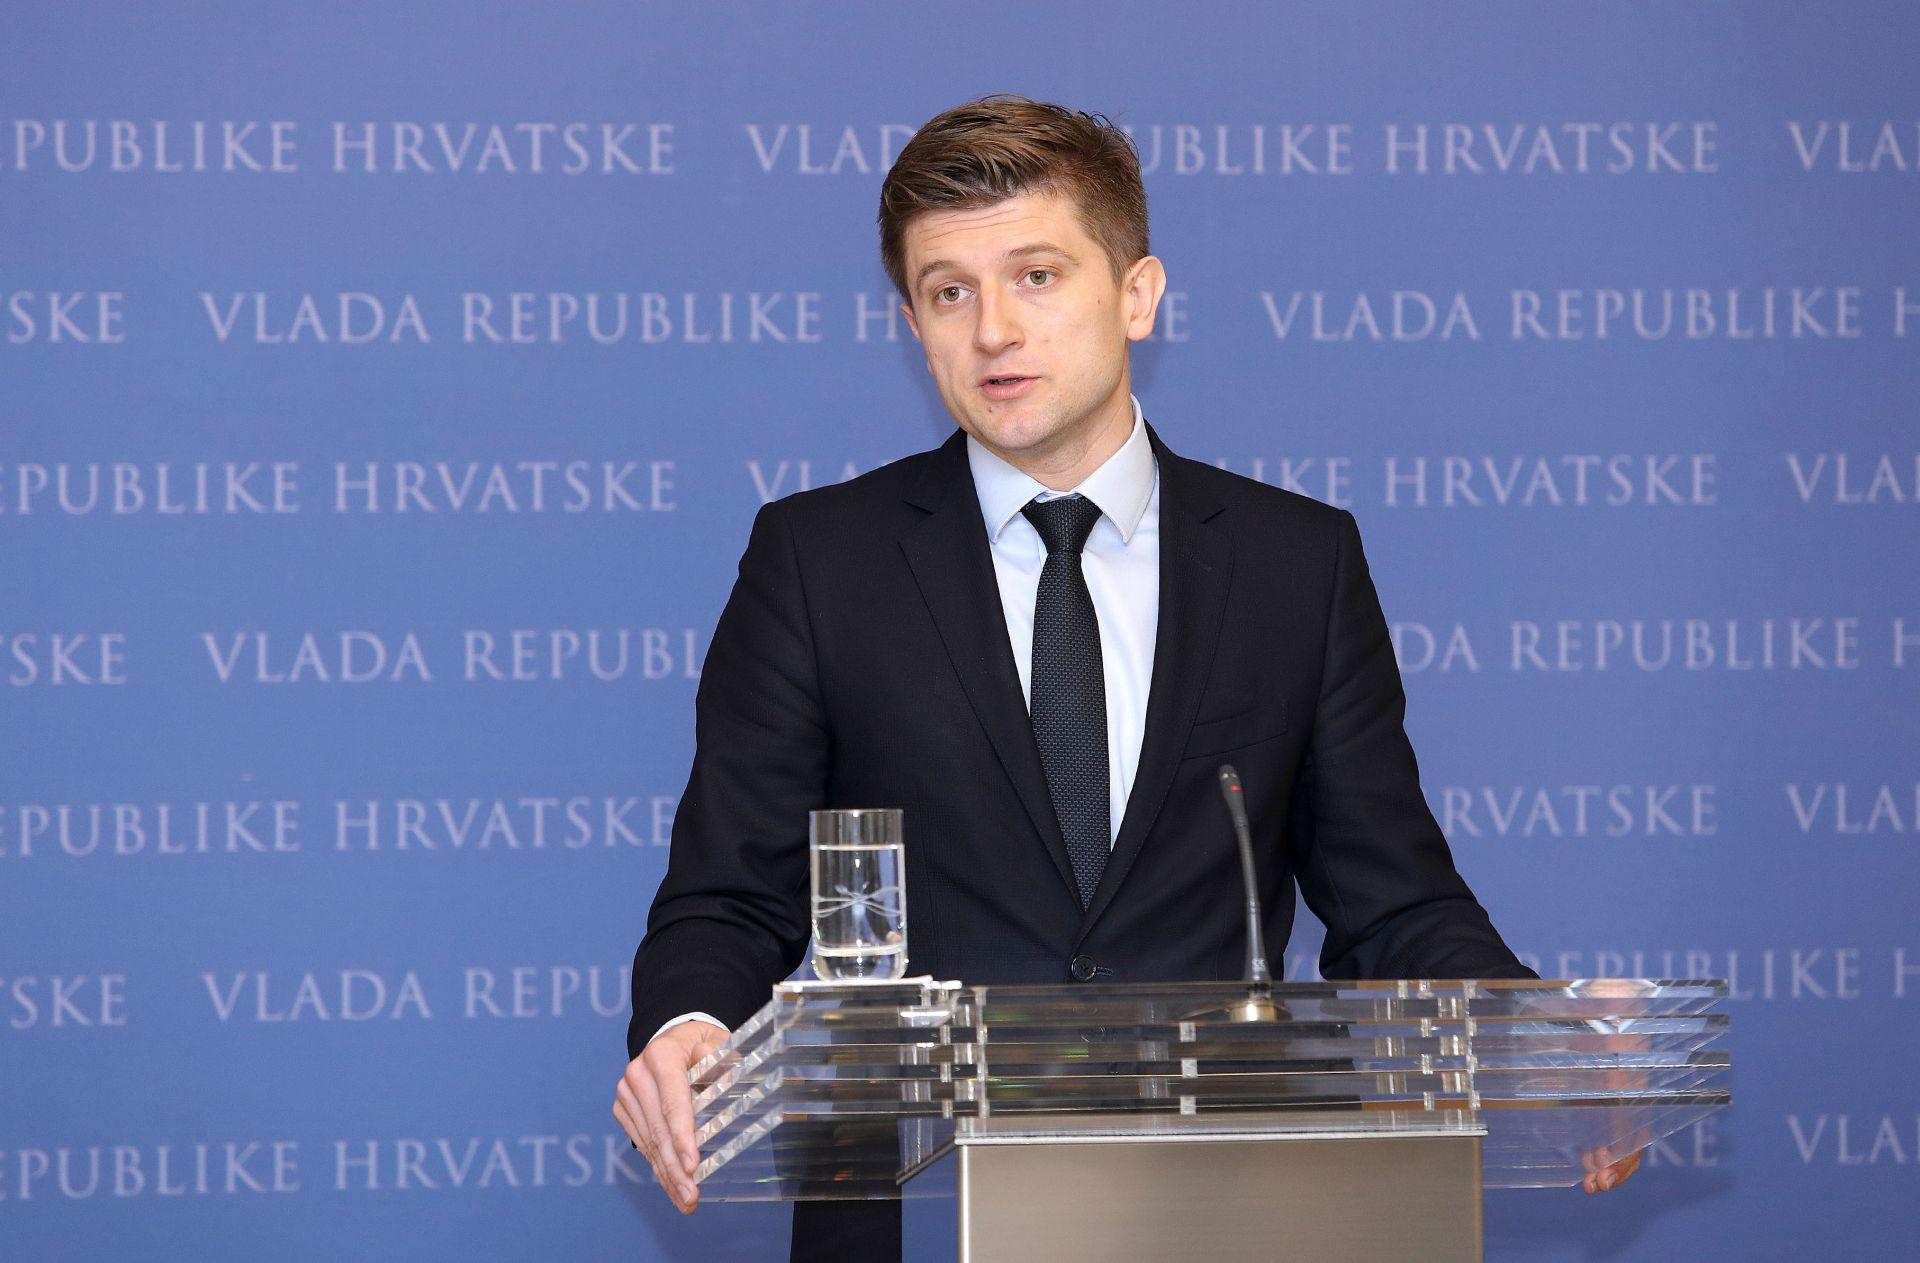 POREZNA REFORMA: Ministar Marić hotelijerima poručio da ne strahuju od novih 'udara'